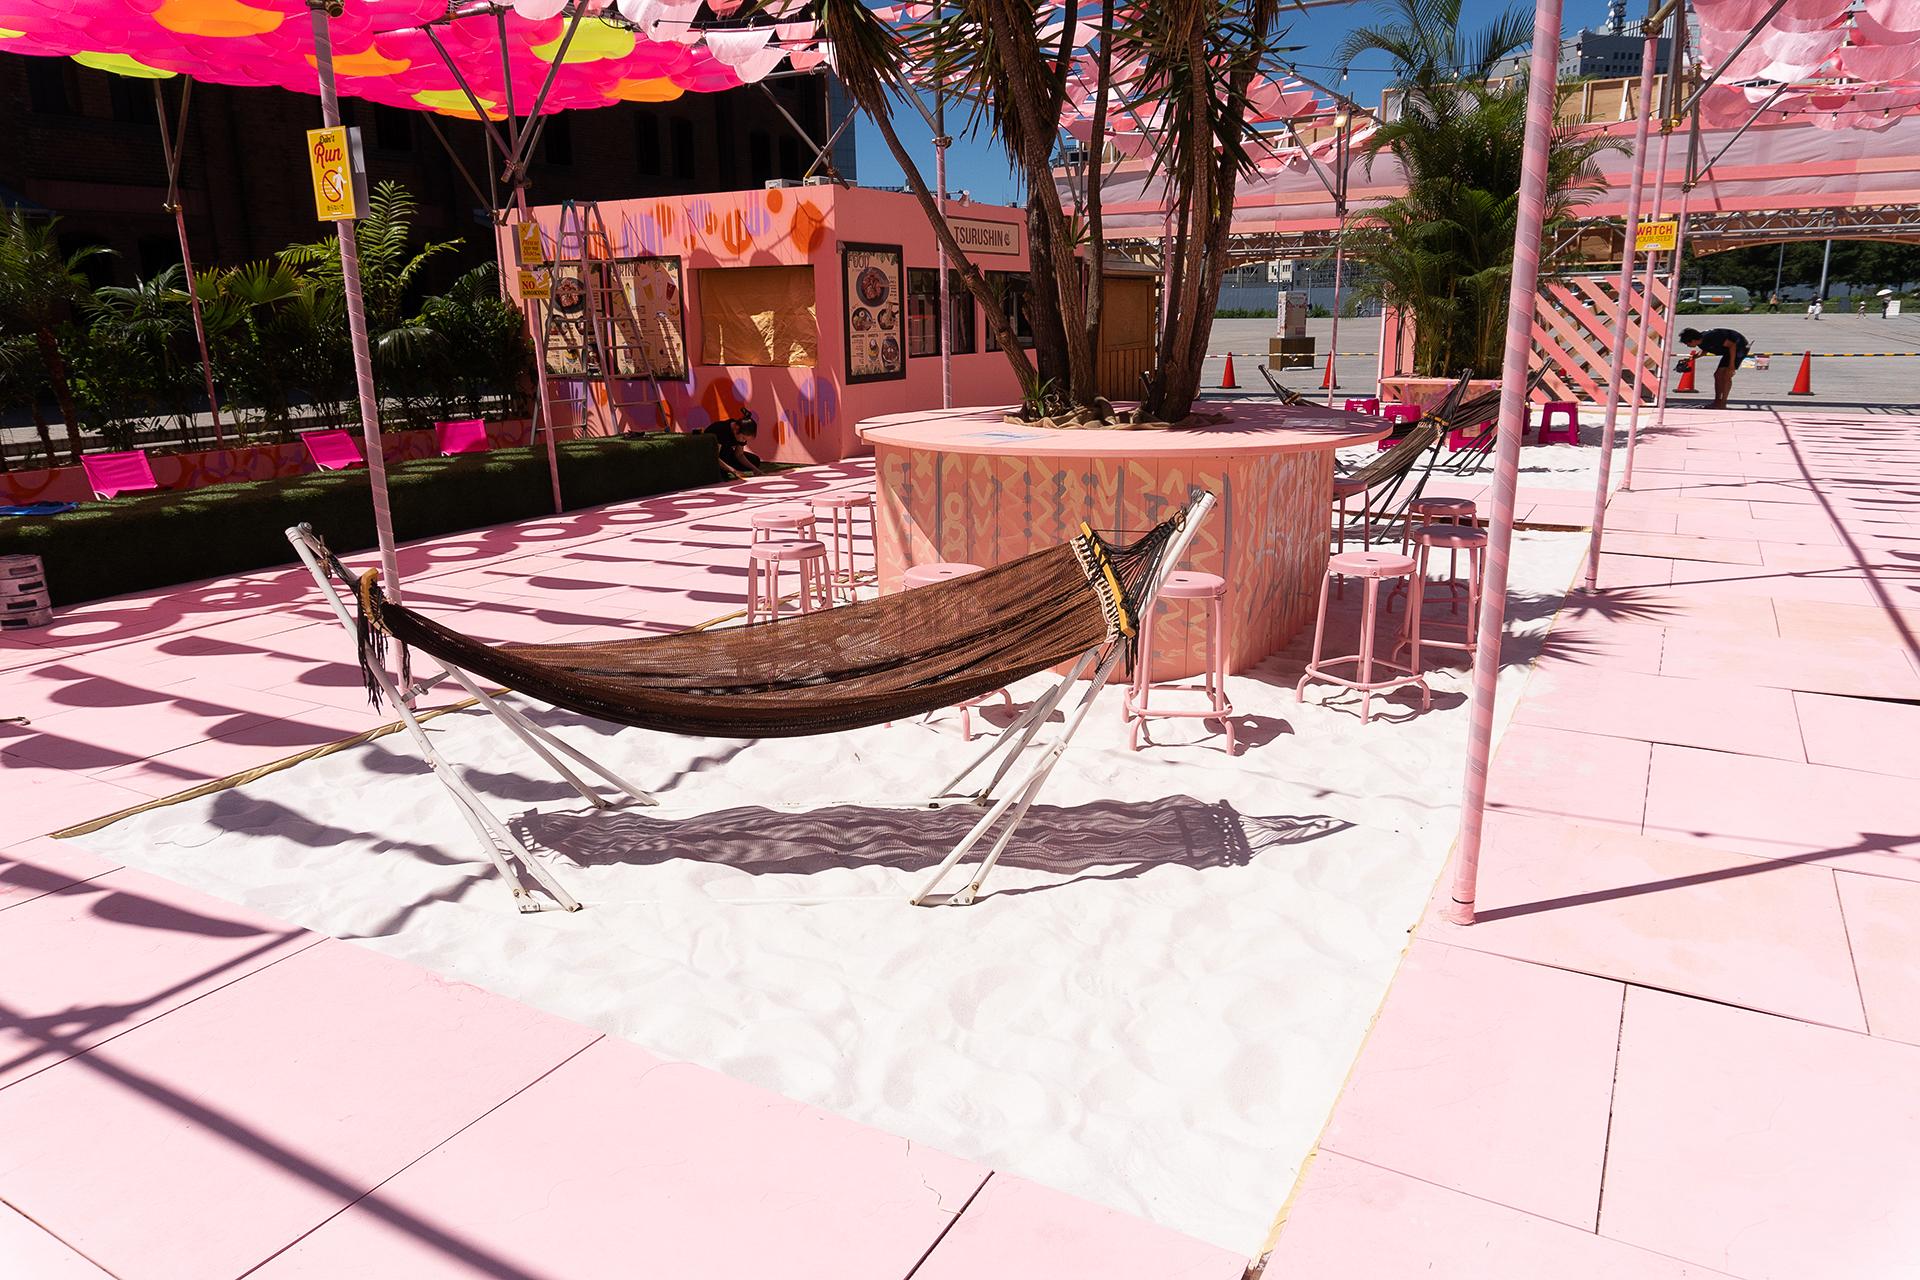 この写真は「レッドブリックビーチ」の砂浜